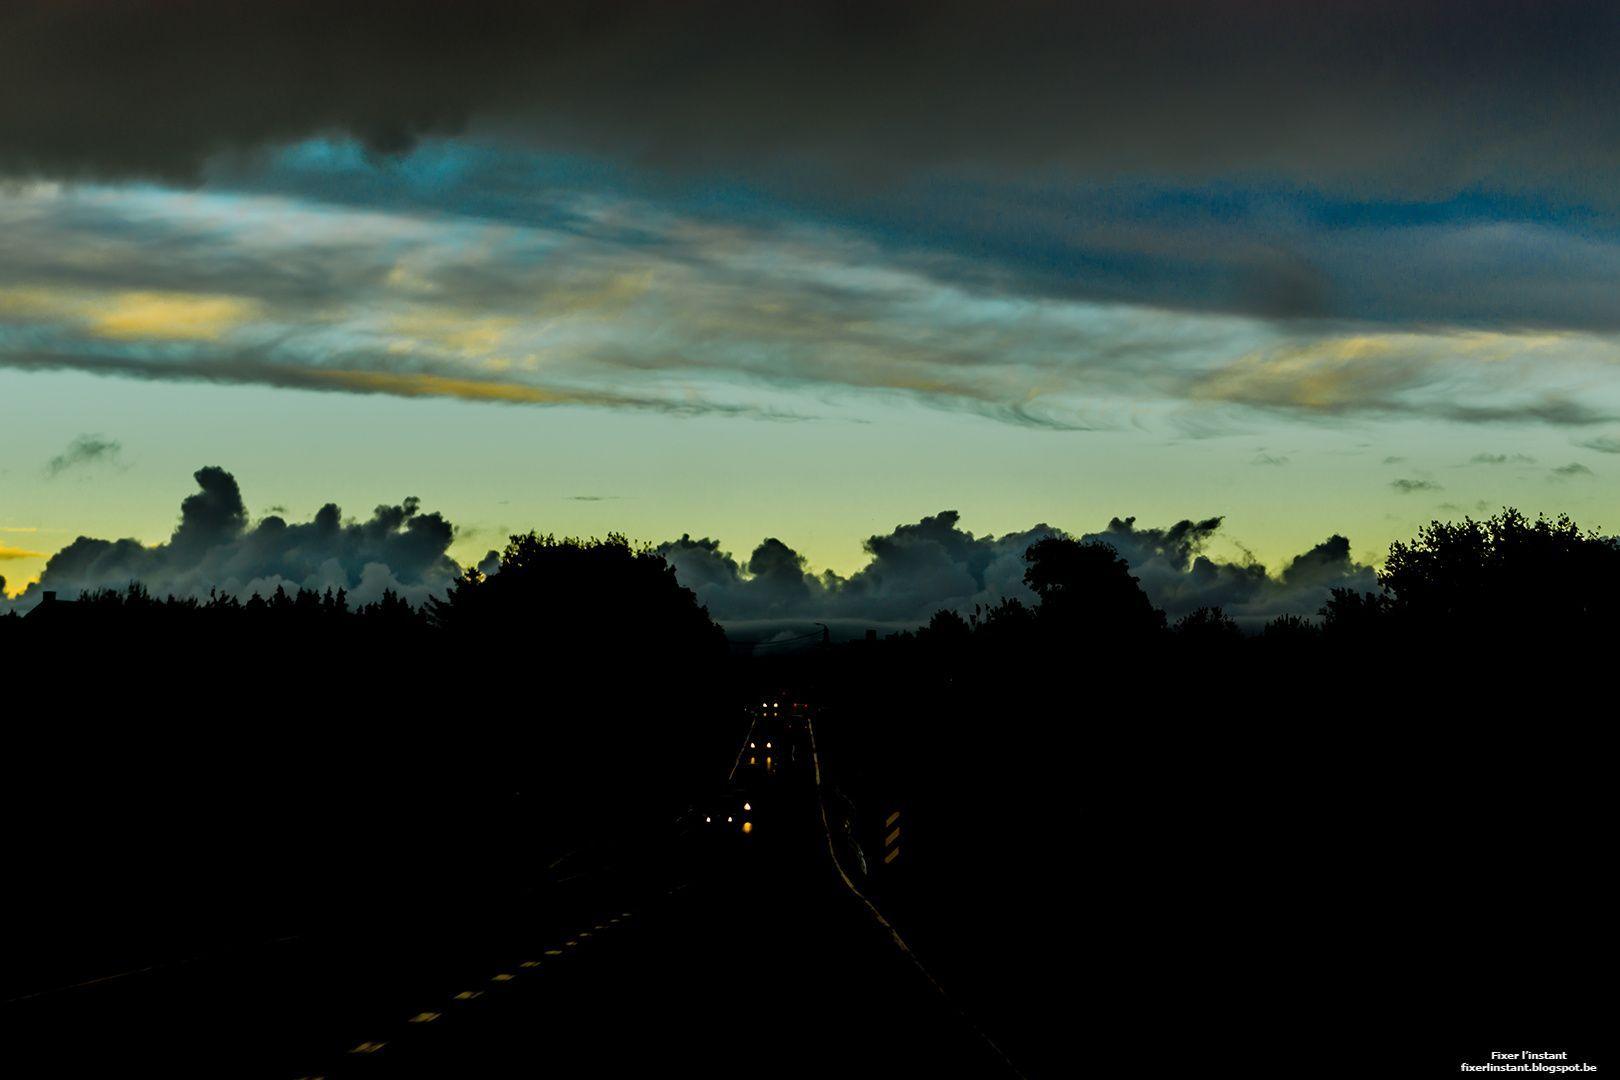 #500px Select #Photography : The sky! by fixerinstant https://t.co/czkV2fM5ef | skylandscapelightphotoartphot  #photography